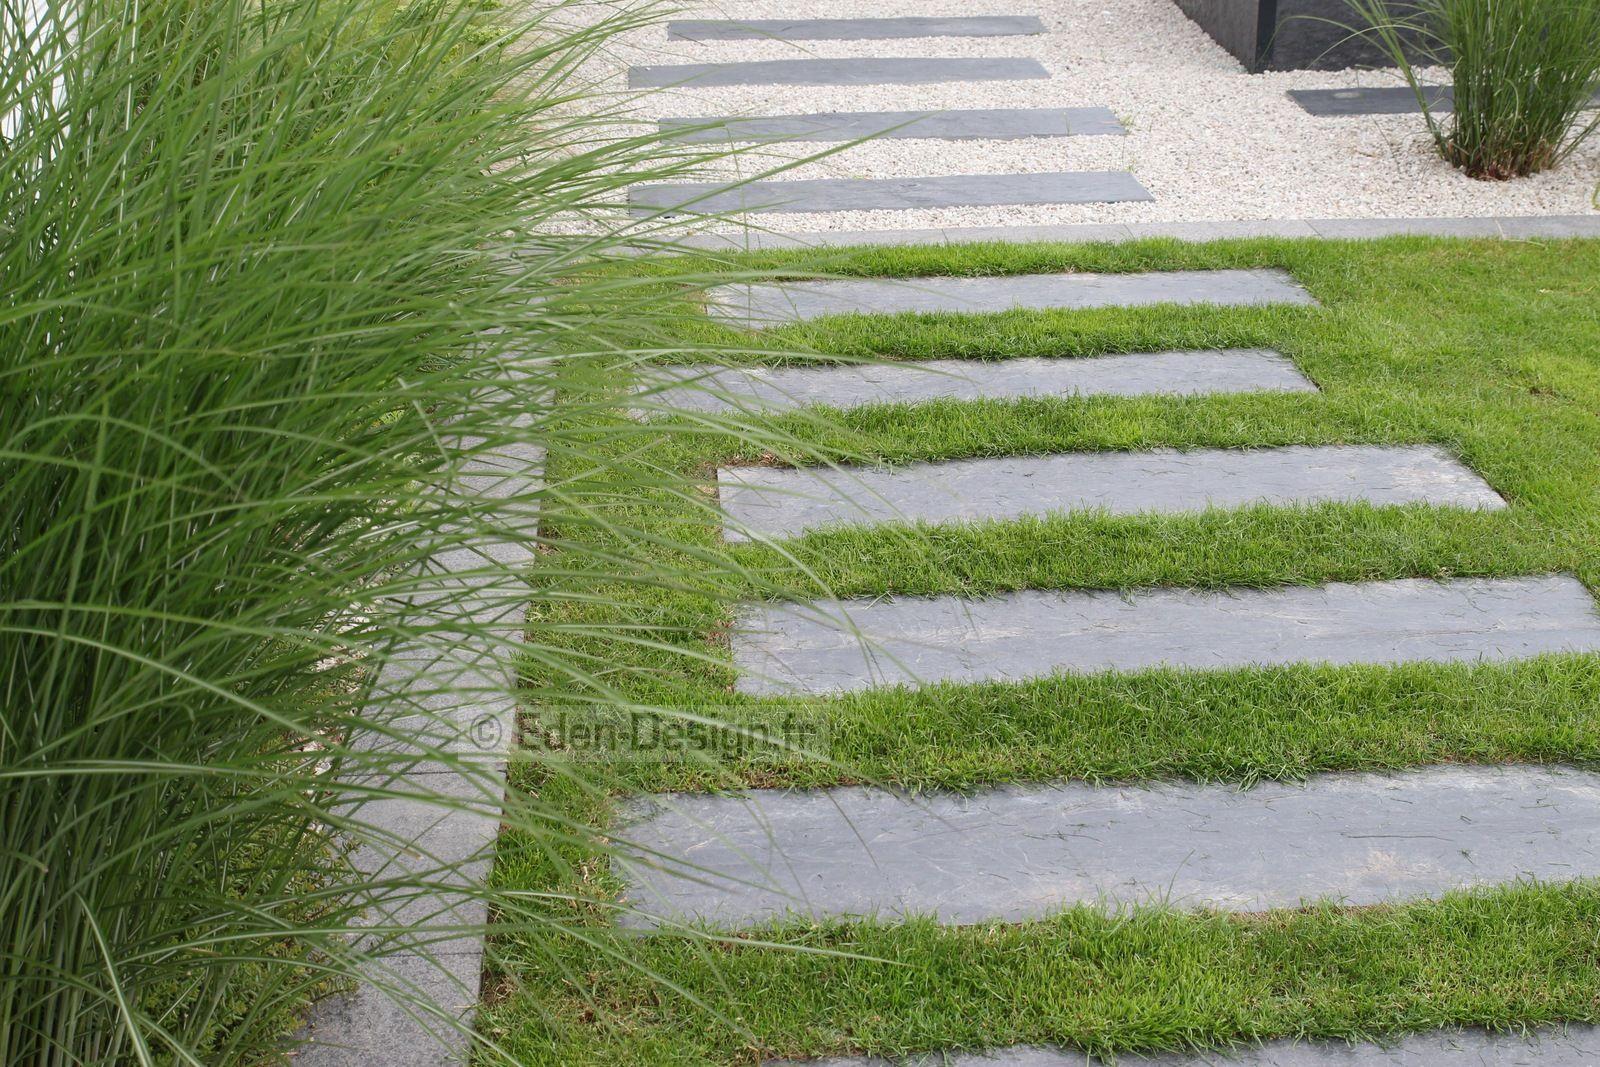 Allée De Jardin En Pas Japonais En Ardoise. L'allée Passe Du ... encequiconcerne Allee De Jardin